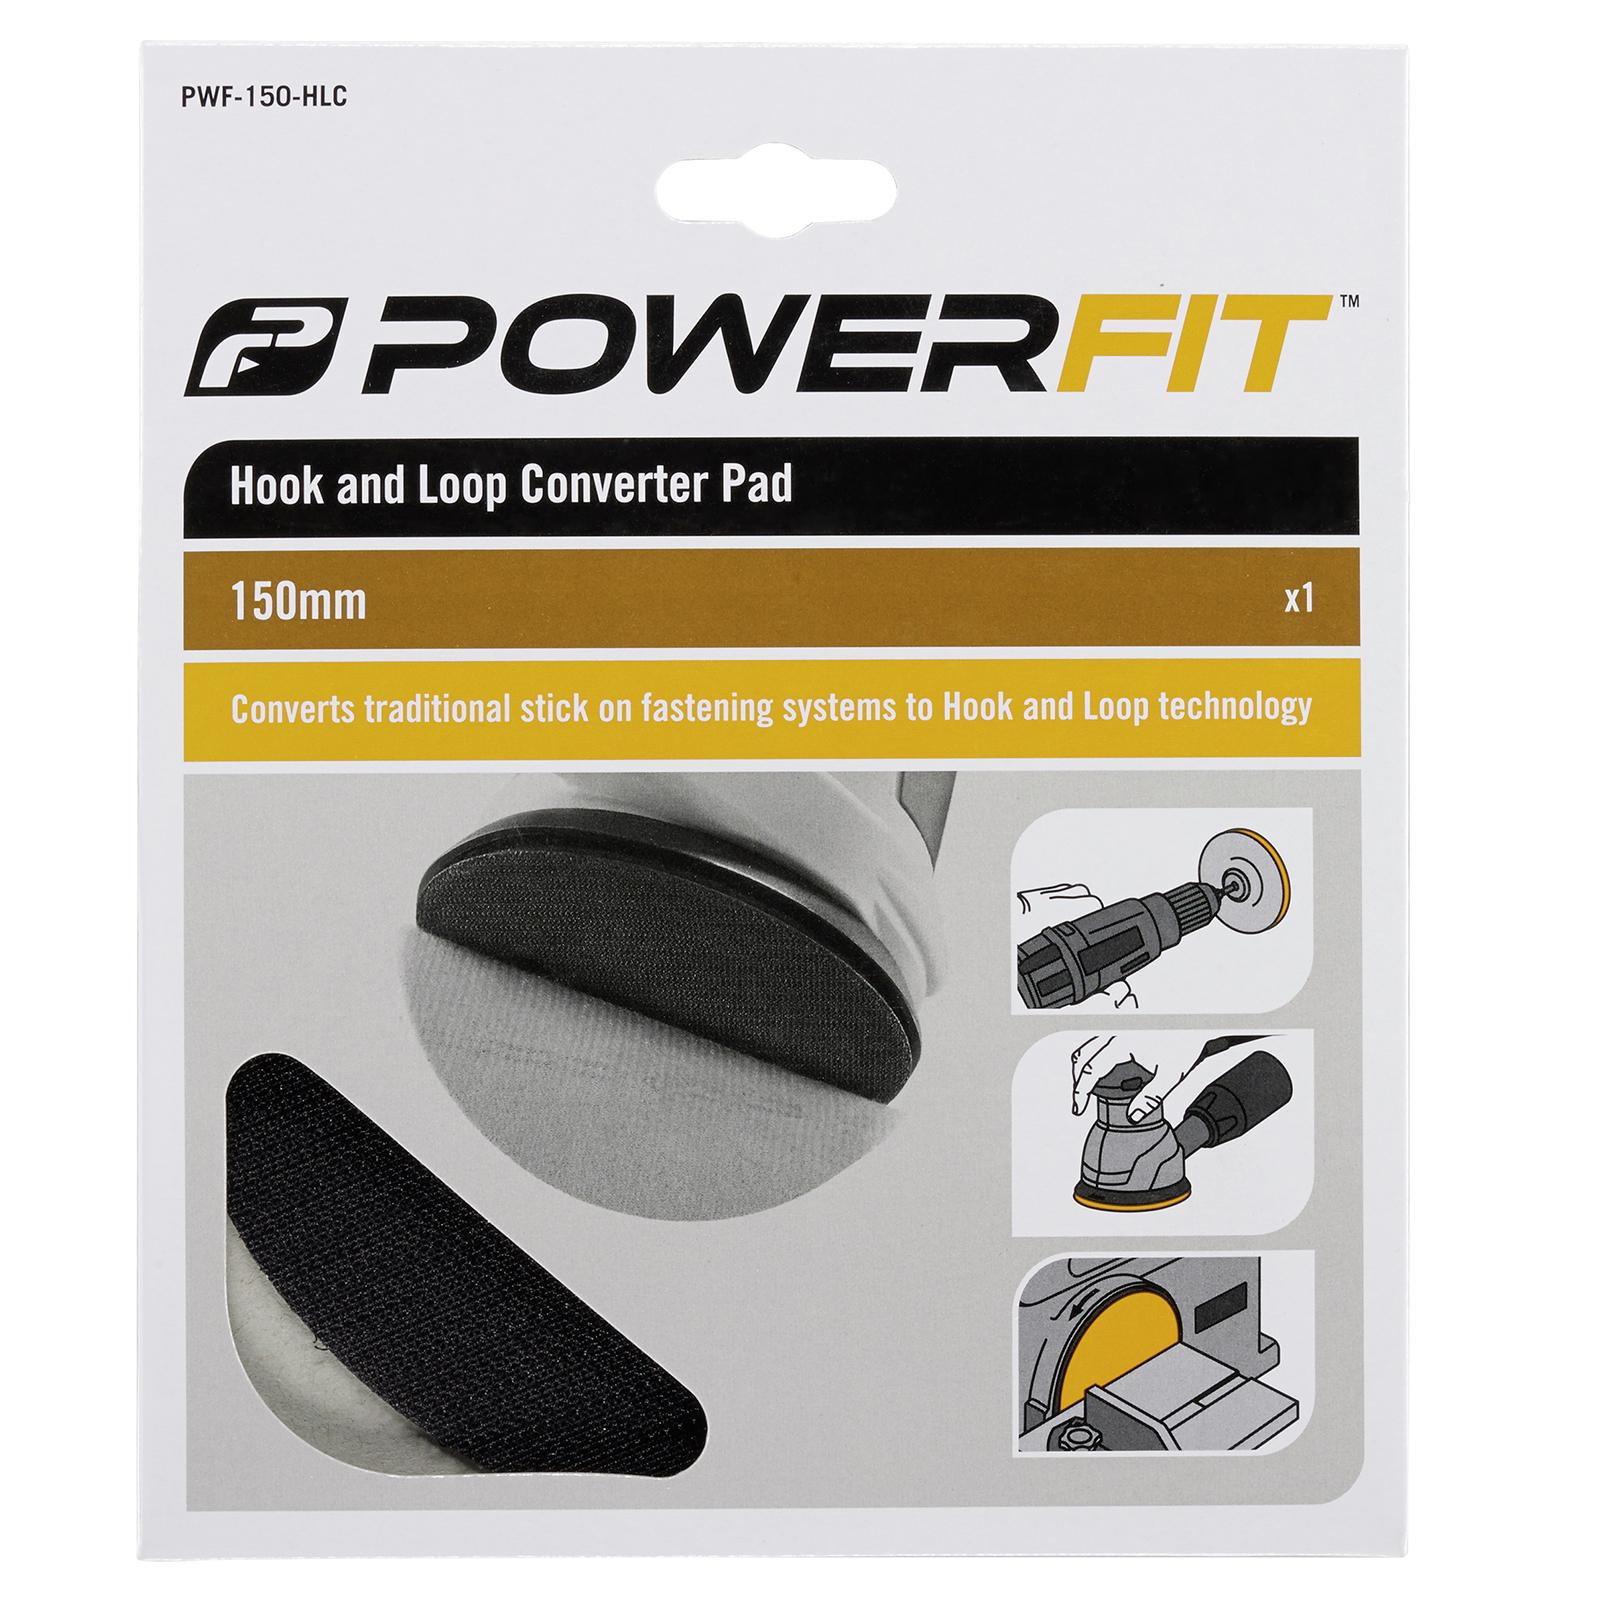 Powerfit 150mm Backing Pad Hook and Loop Converter